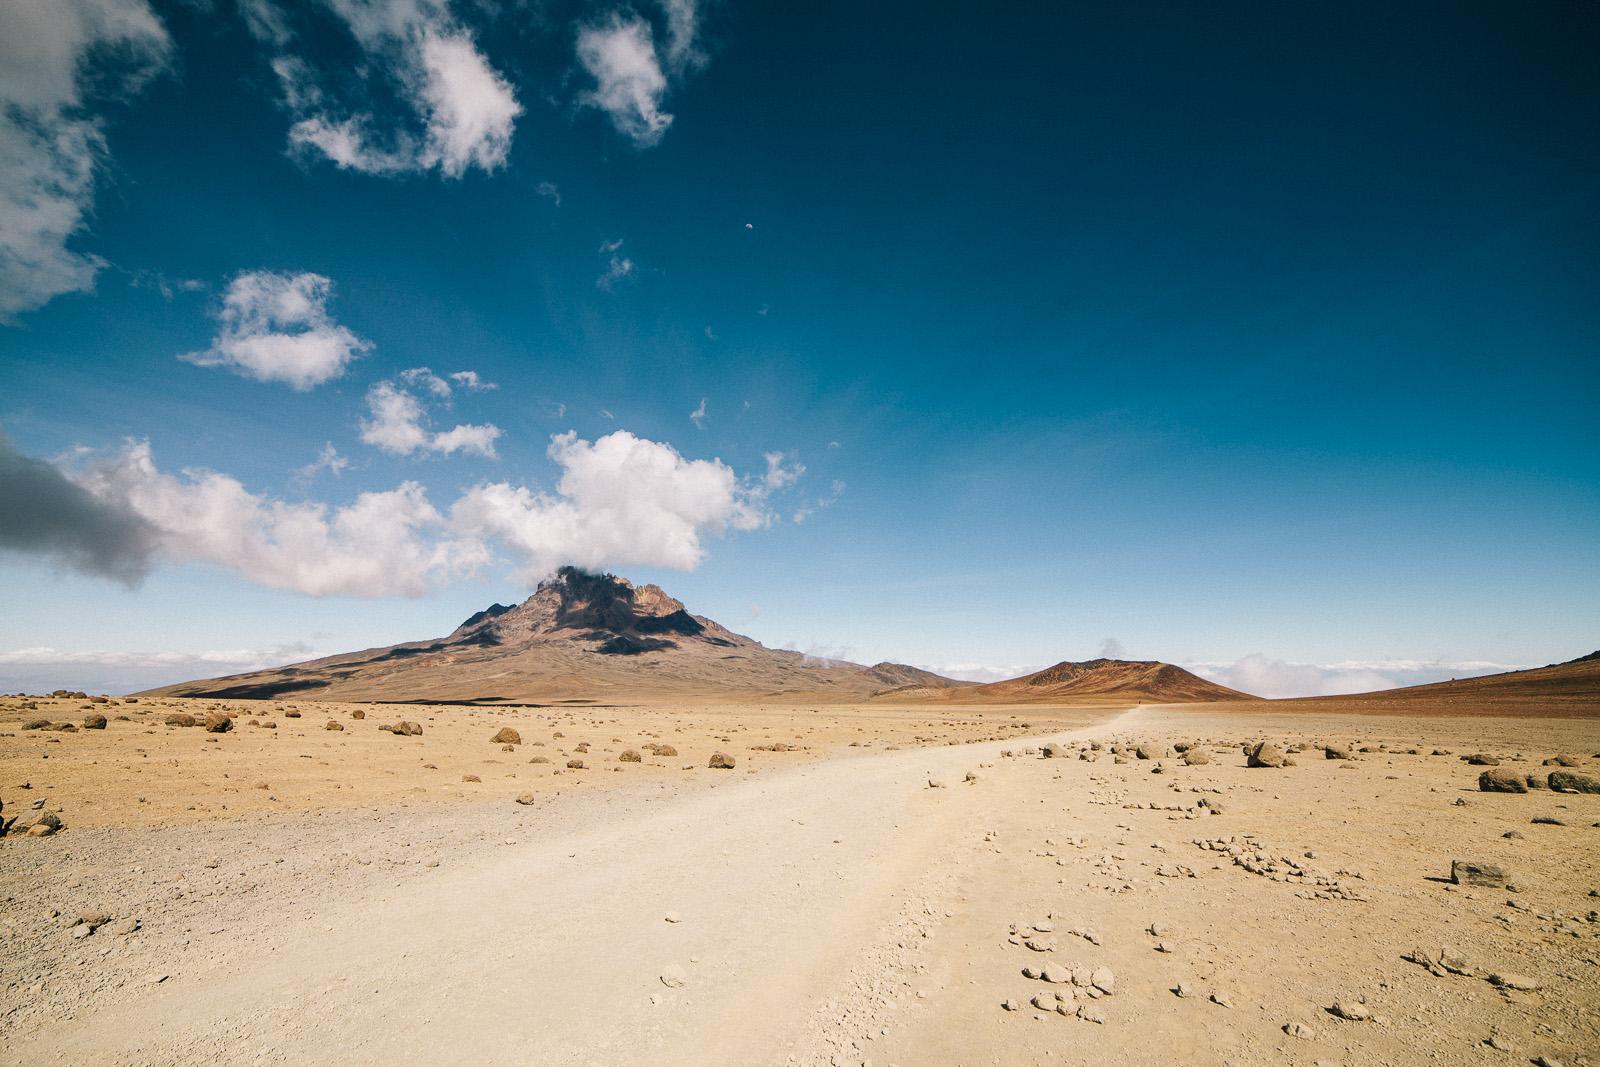 kilimanjaro-marangu-route-mawenzi